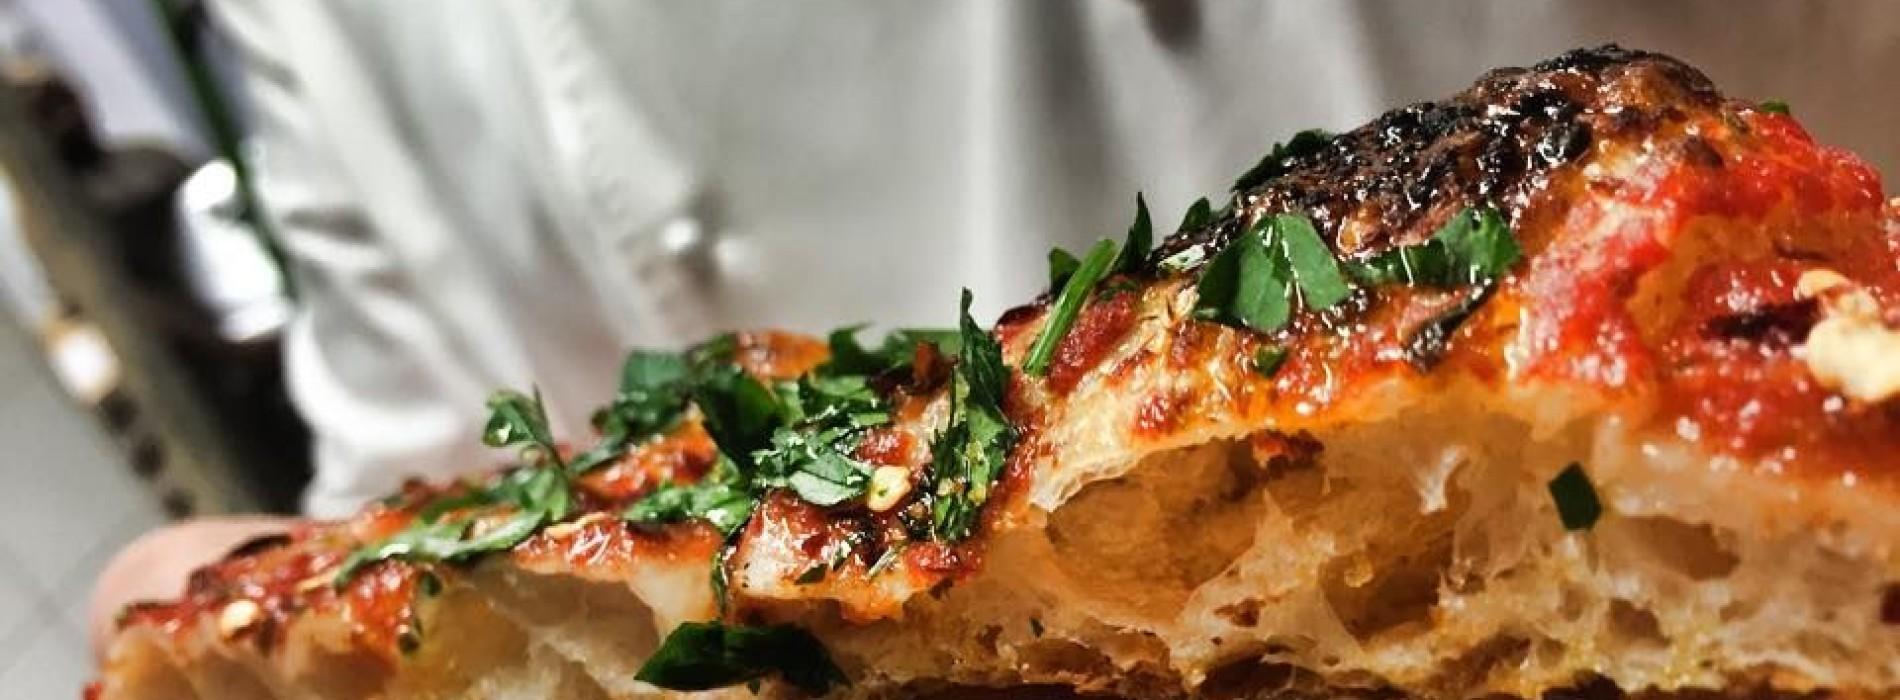 Pizzarium di Bonci riapre oggi a Roma con nuovi impasti e pizze (e l'incontro con la cucina gourmet)